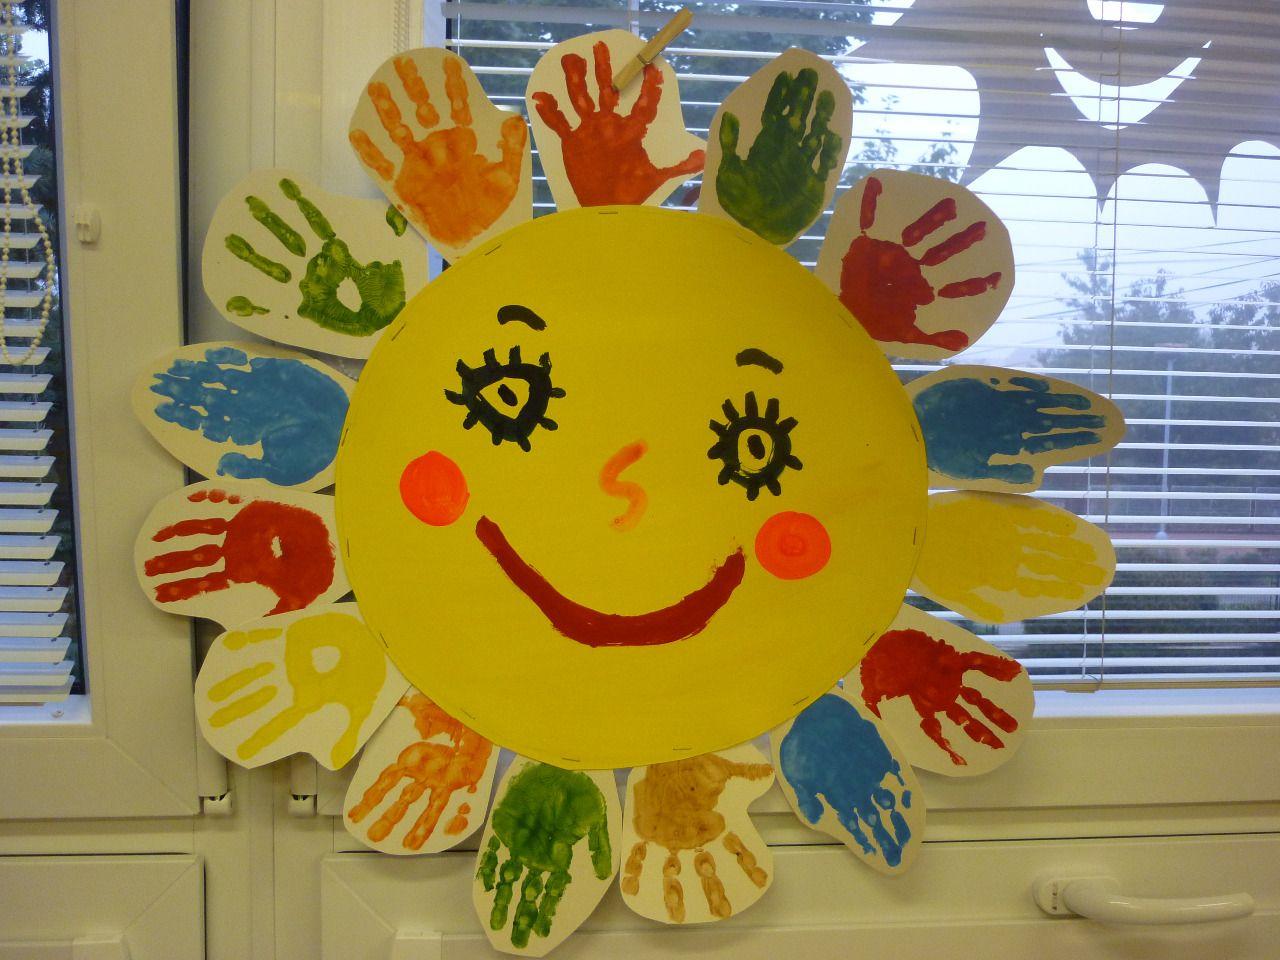 Nápady z praxe učitelky v mateřské škole, pracovní a výtvarné činnosti, malování ve školce